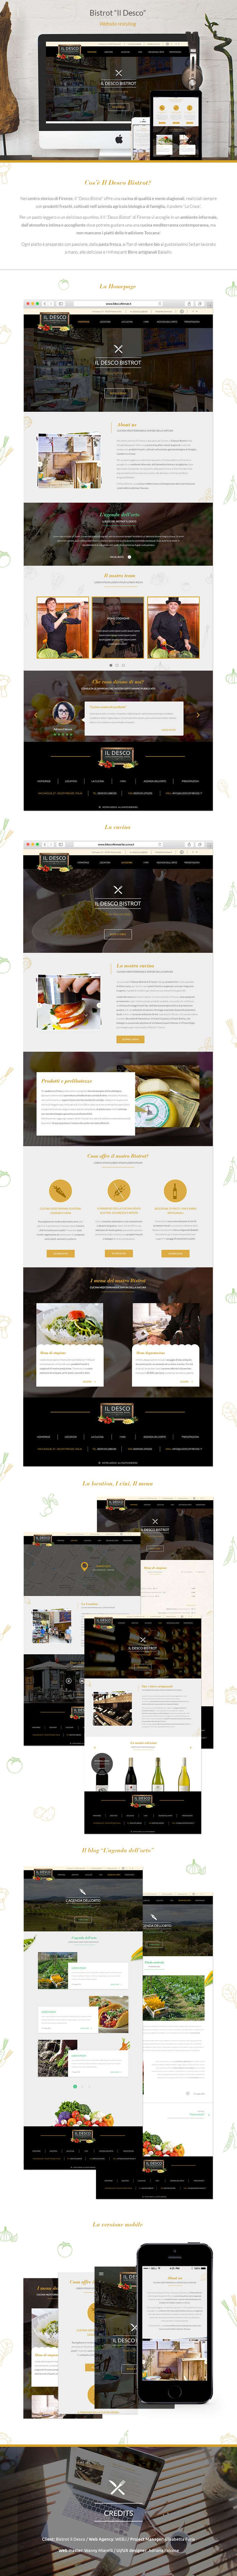 """Progettazione del layout grafico del sito web """"Il desco Bistrot"""", versione desktop e mobile"""